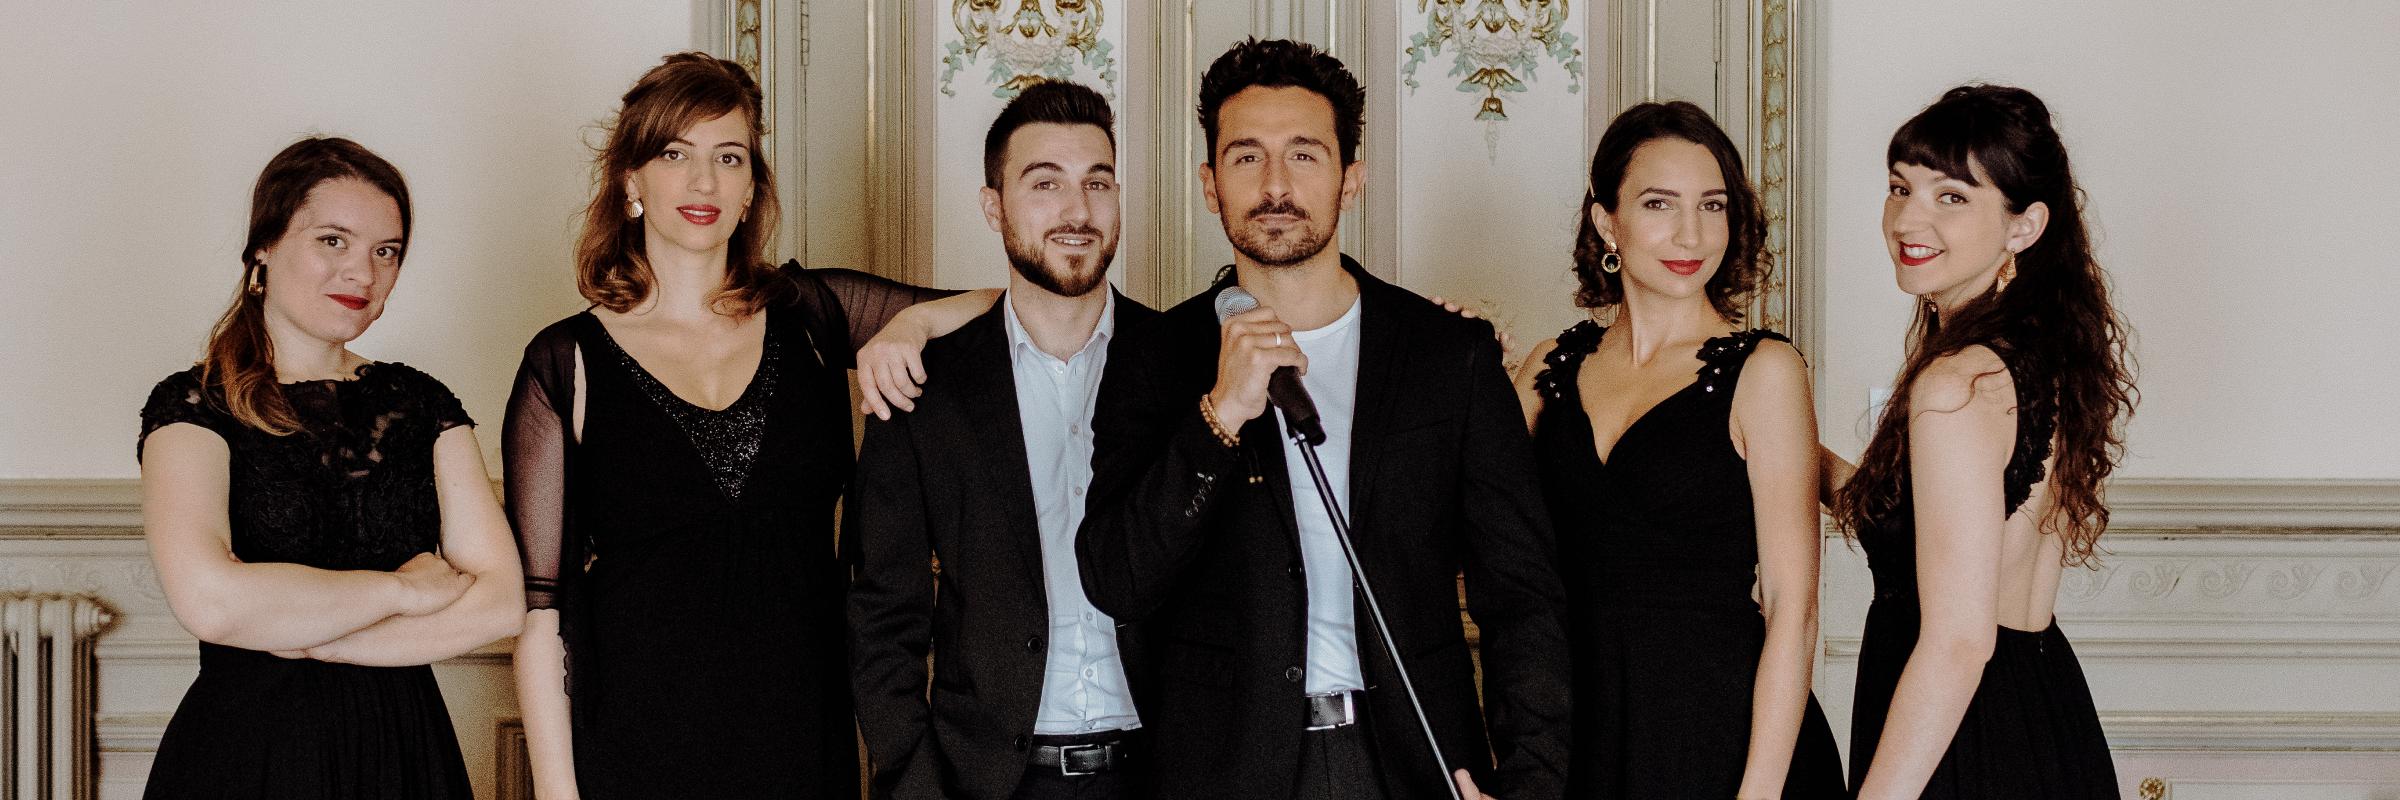 Madame Et Cætera, groupe de musique Chanteur en représentation à Haute Garonne - photo de couverture n° 3